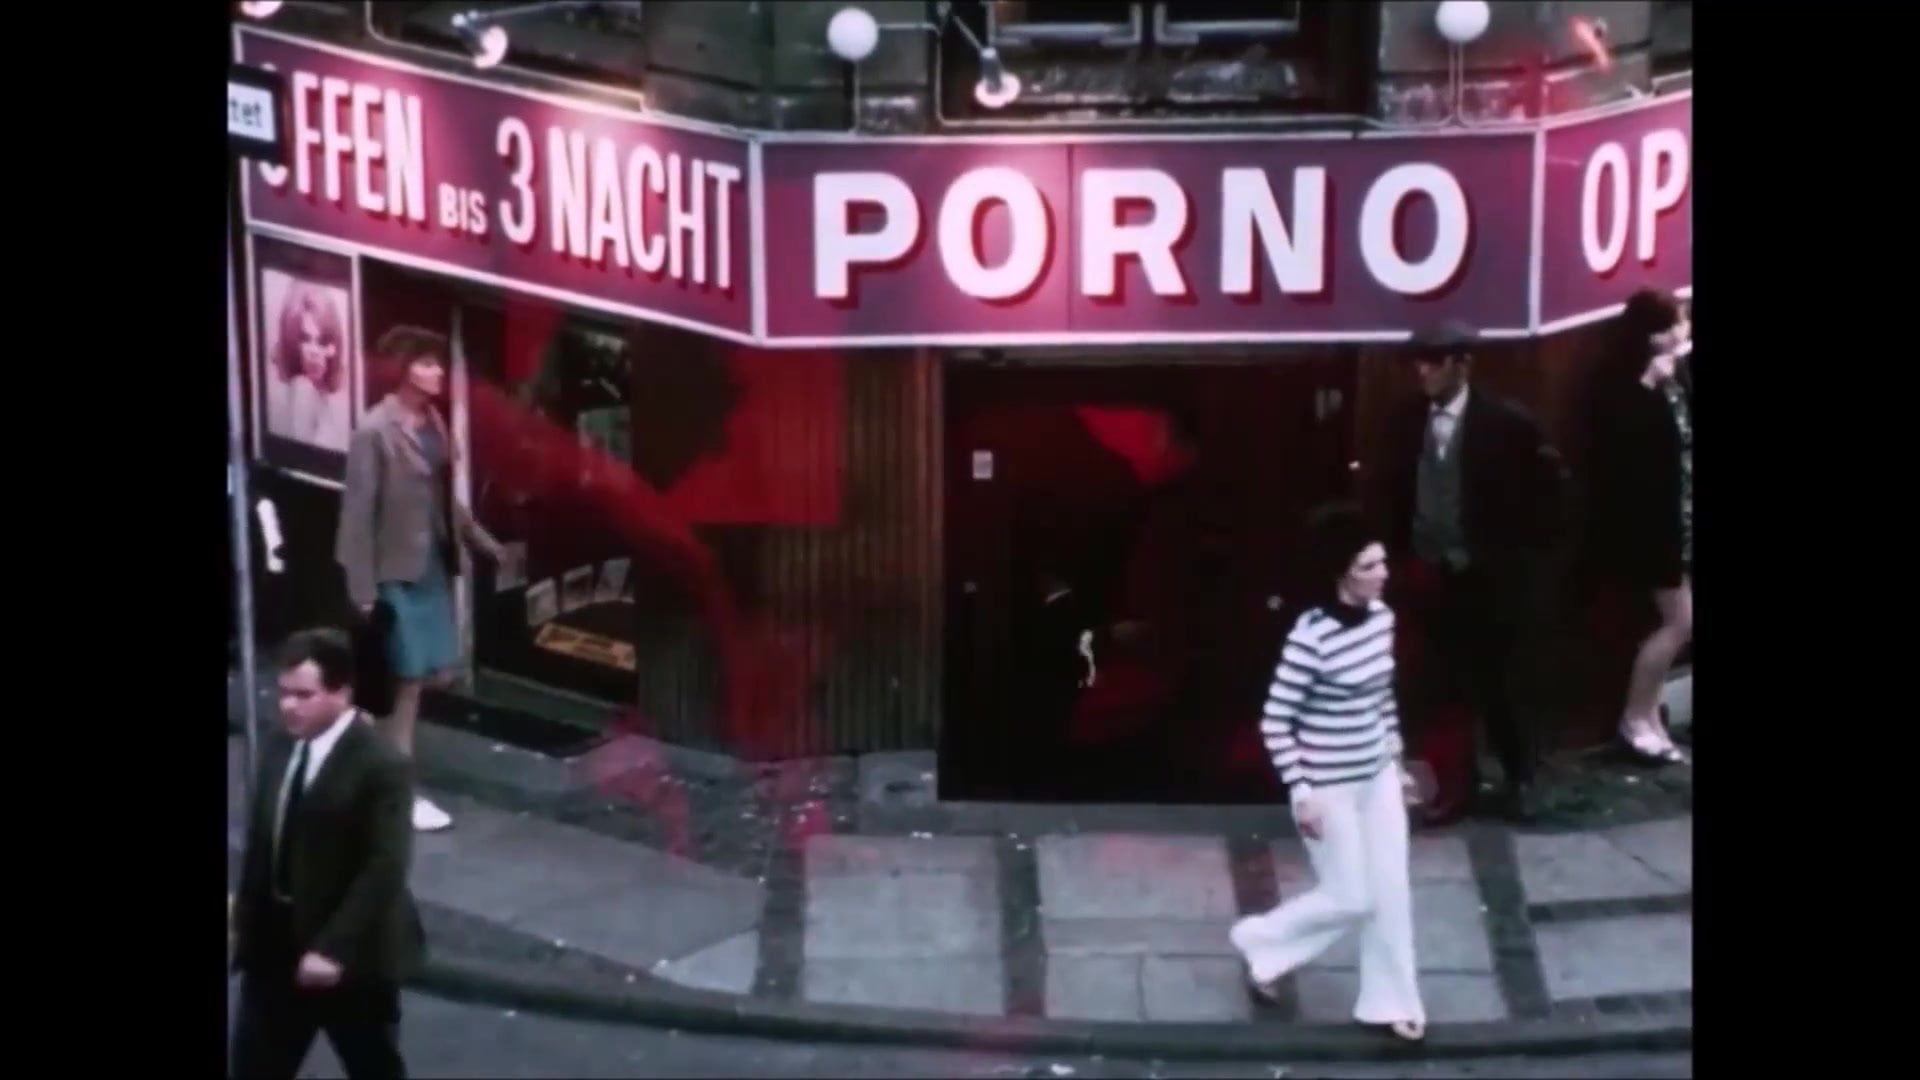 sexet thong porno